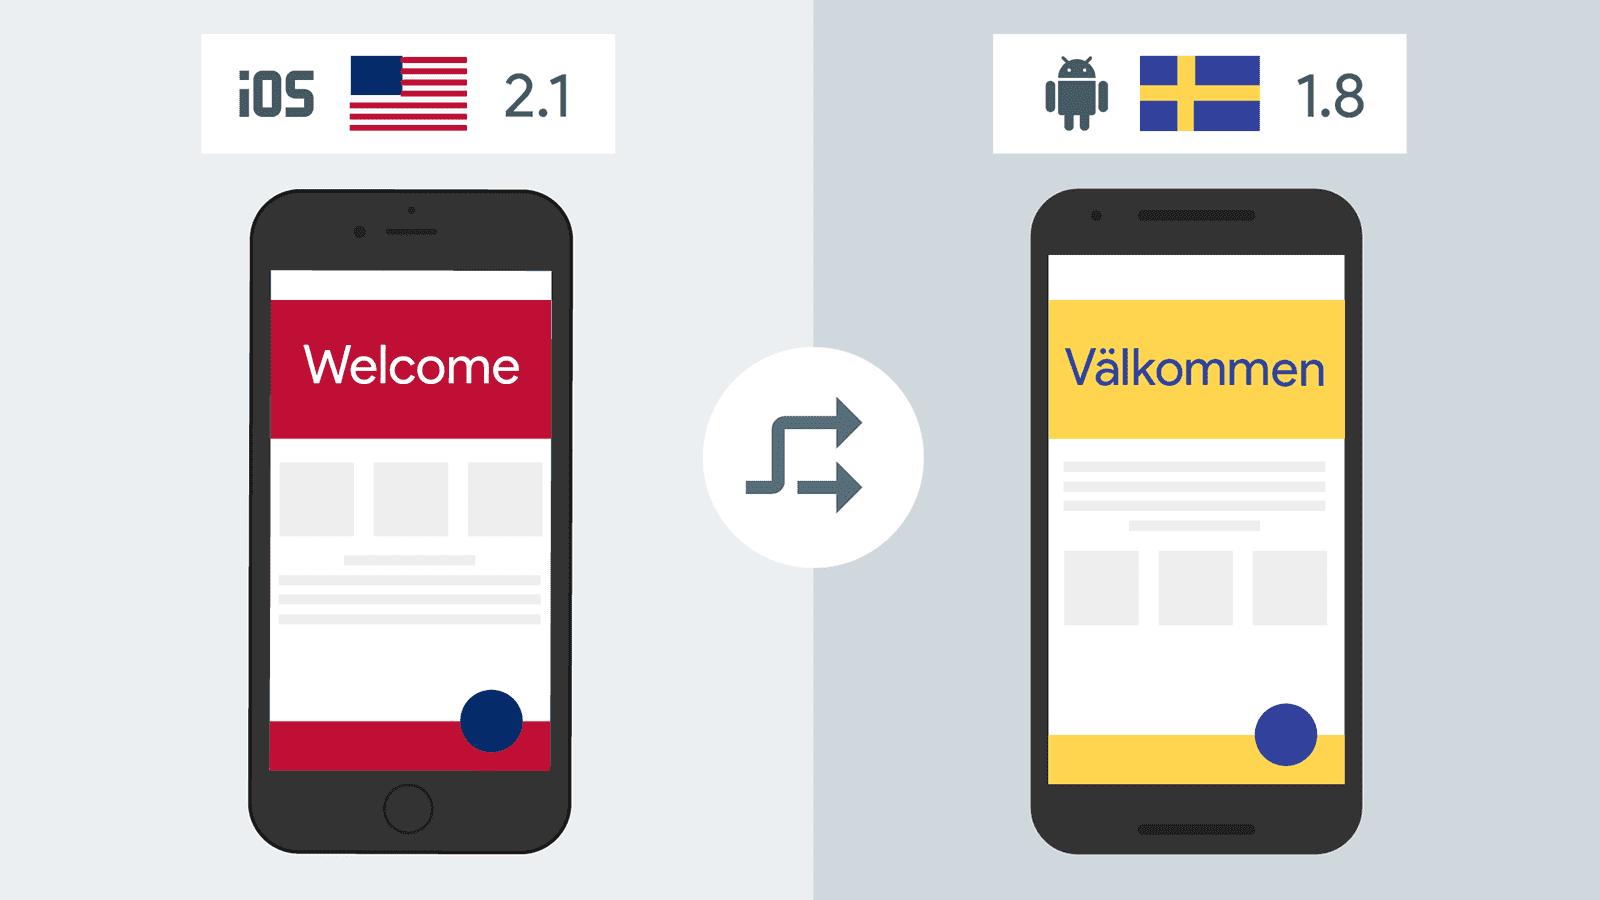 Zwei Telefone in zwei verschiedenen Sprachen